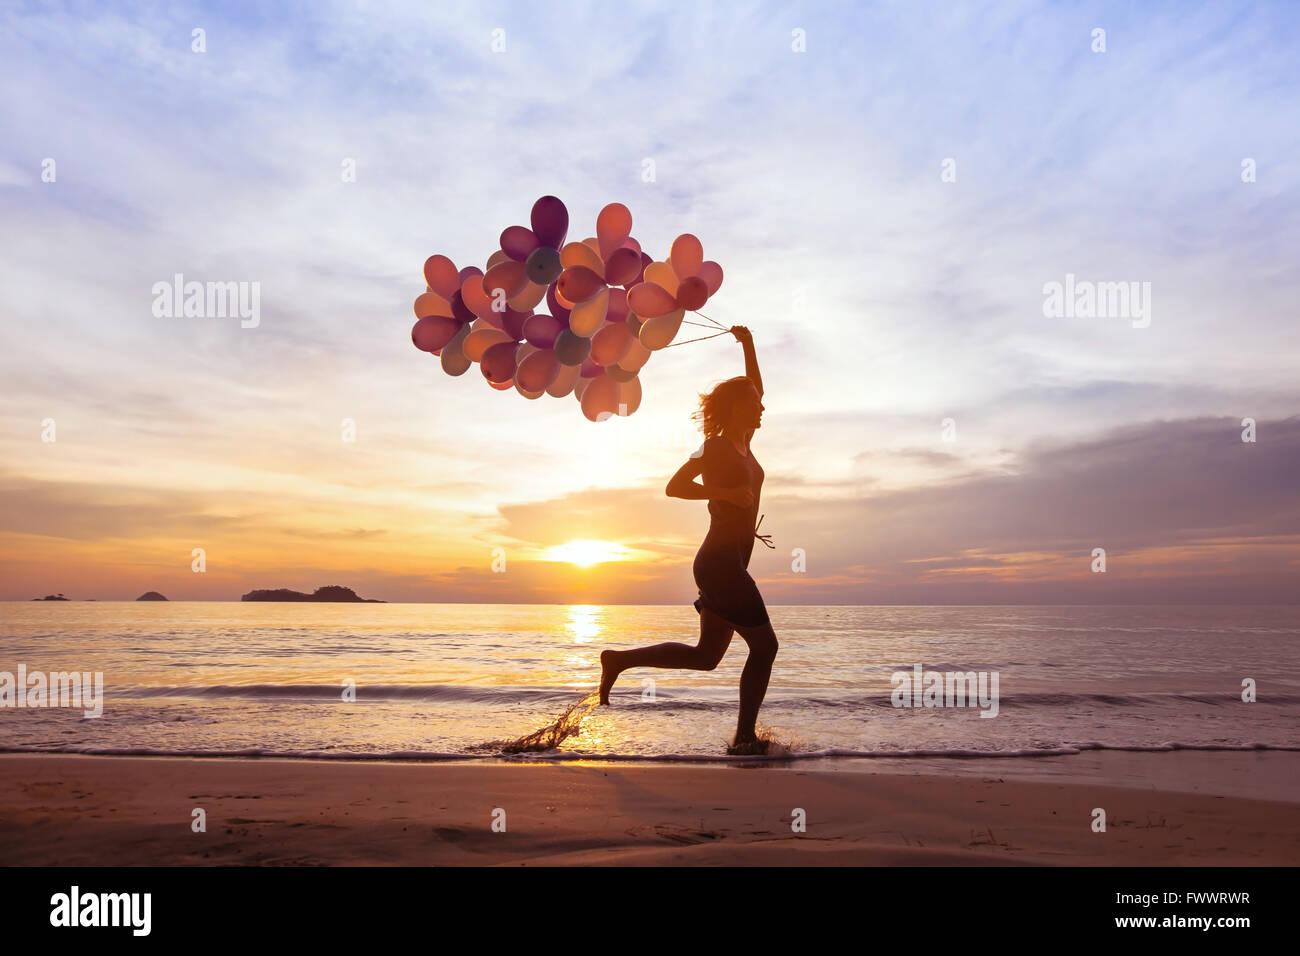 Glück-Konzept, Psychologie von fröhlichen Menschen, junge Frau rennt mit bunten Ballons am Strand Stockbild